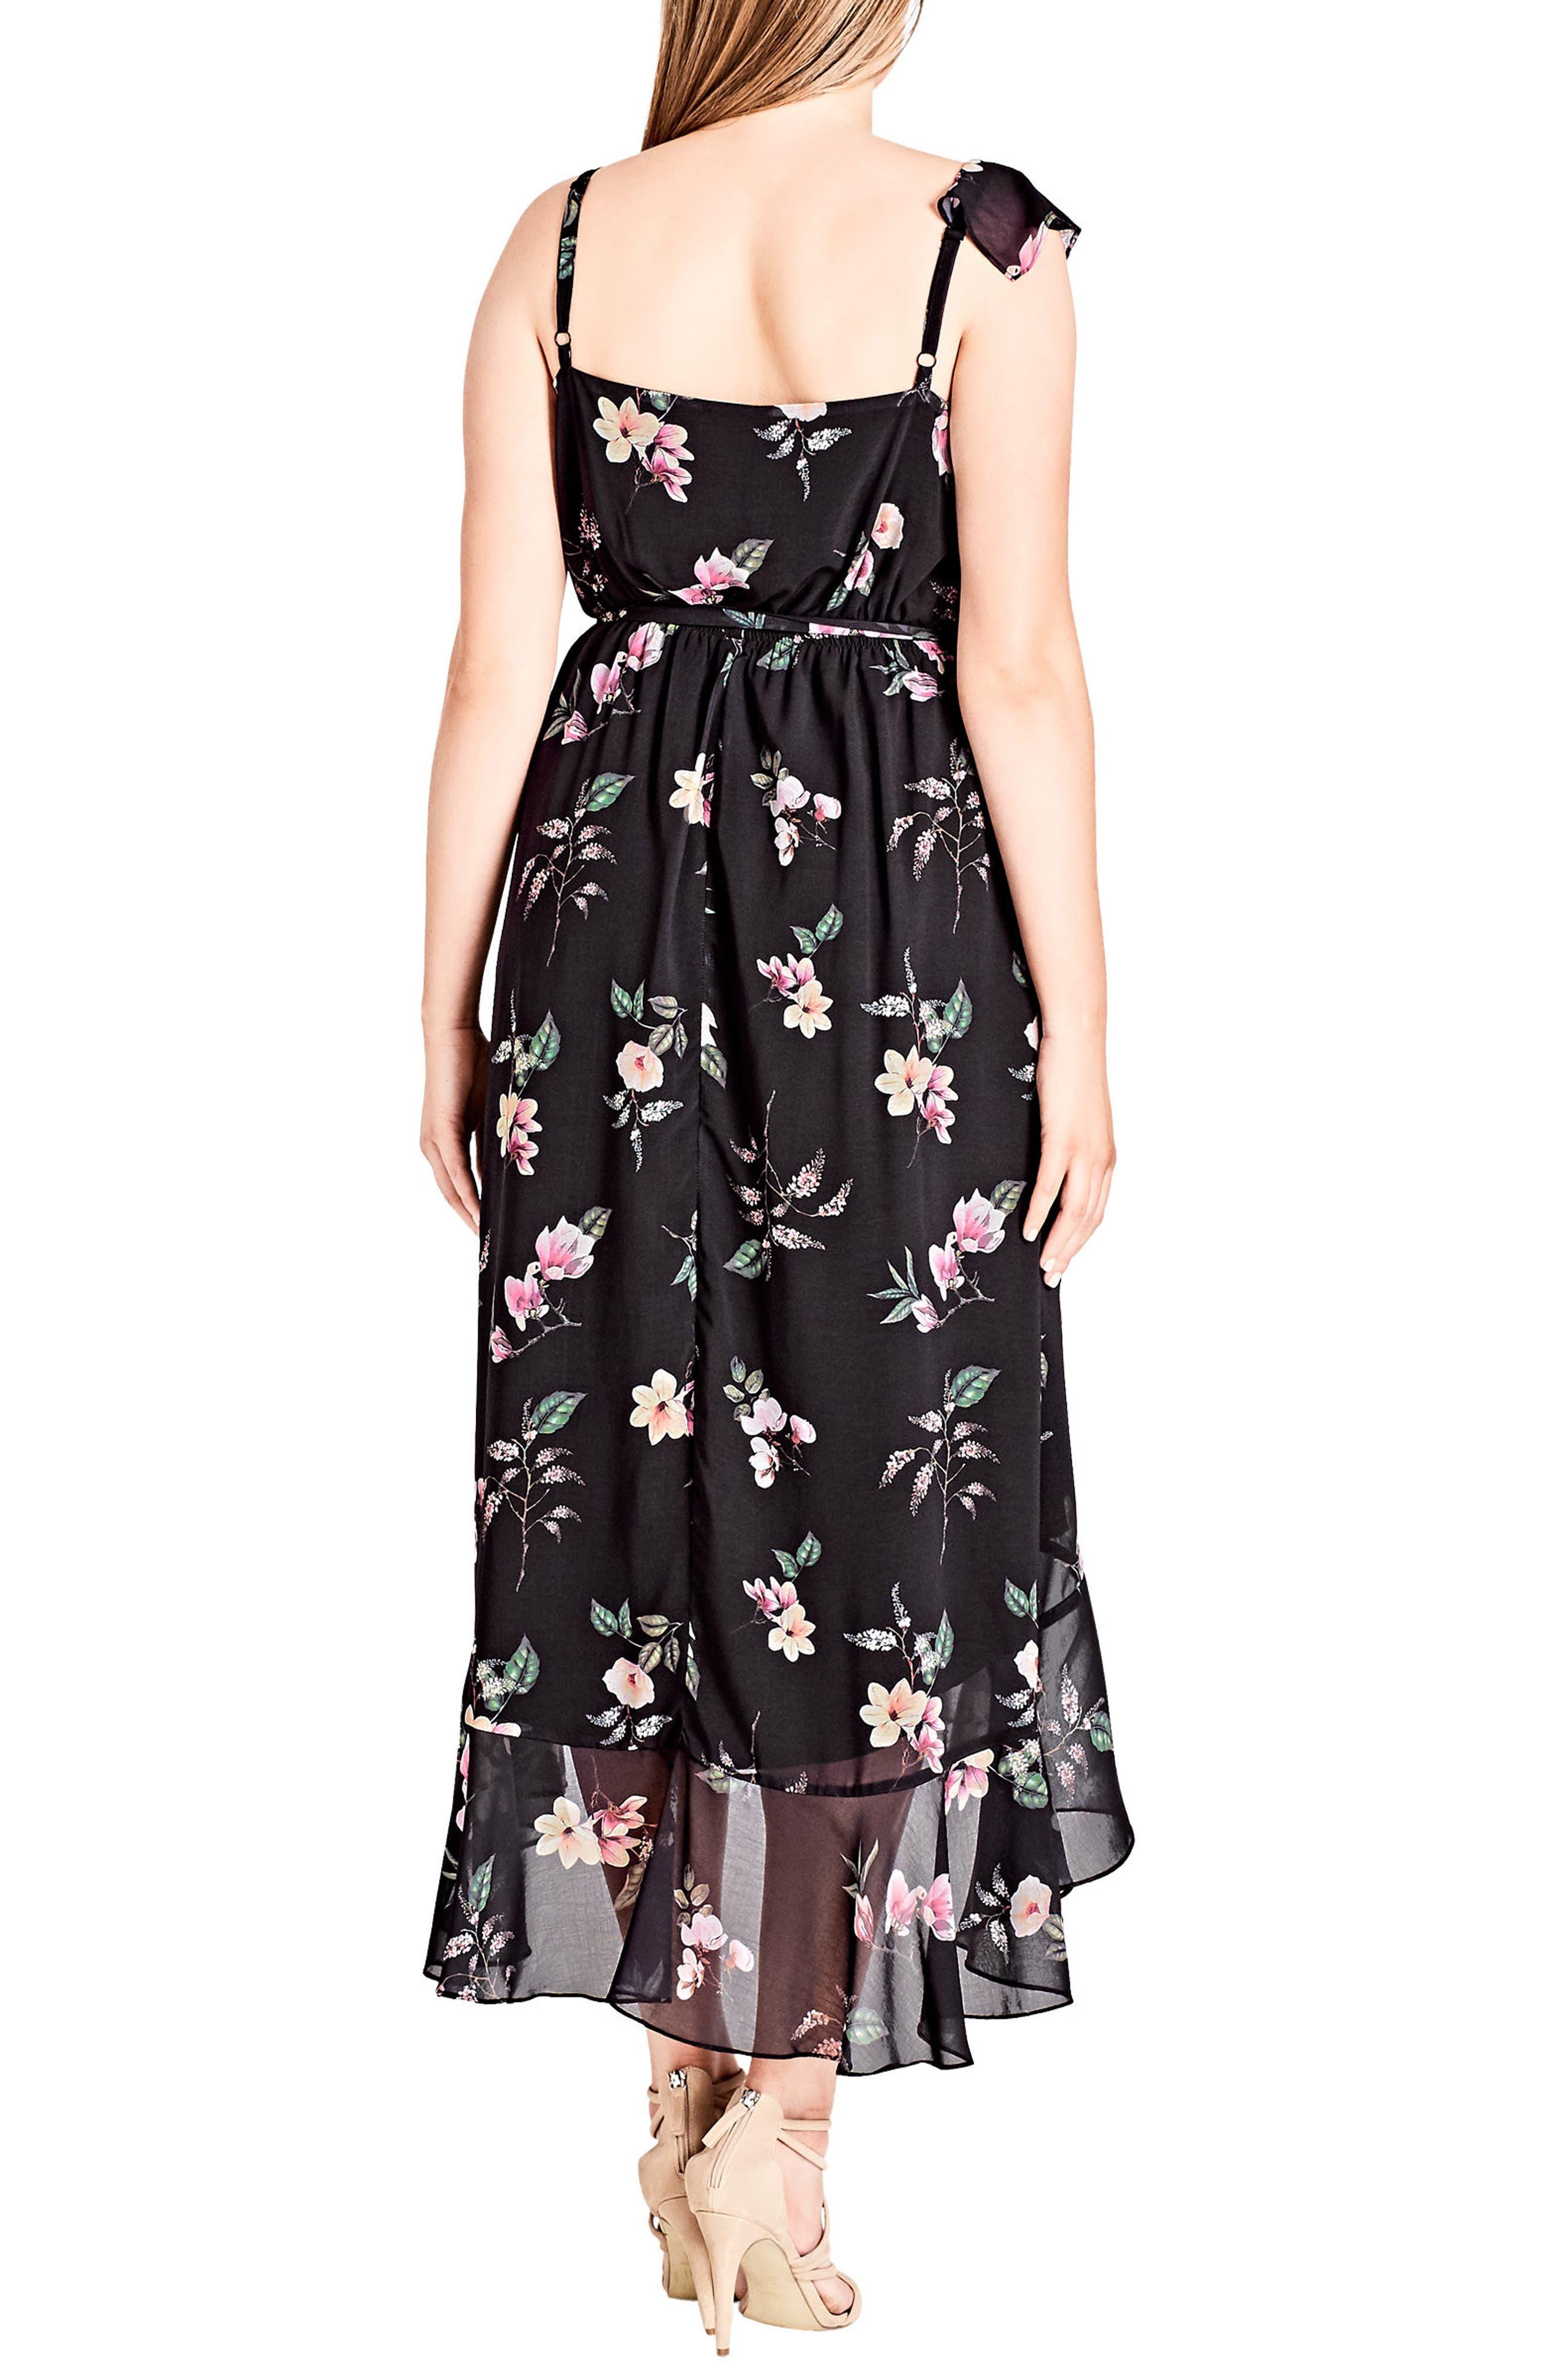 Captivate Floral Dress,                             Alternate thumbnail 2, color,                             Captive Floral